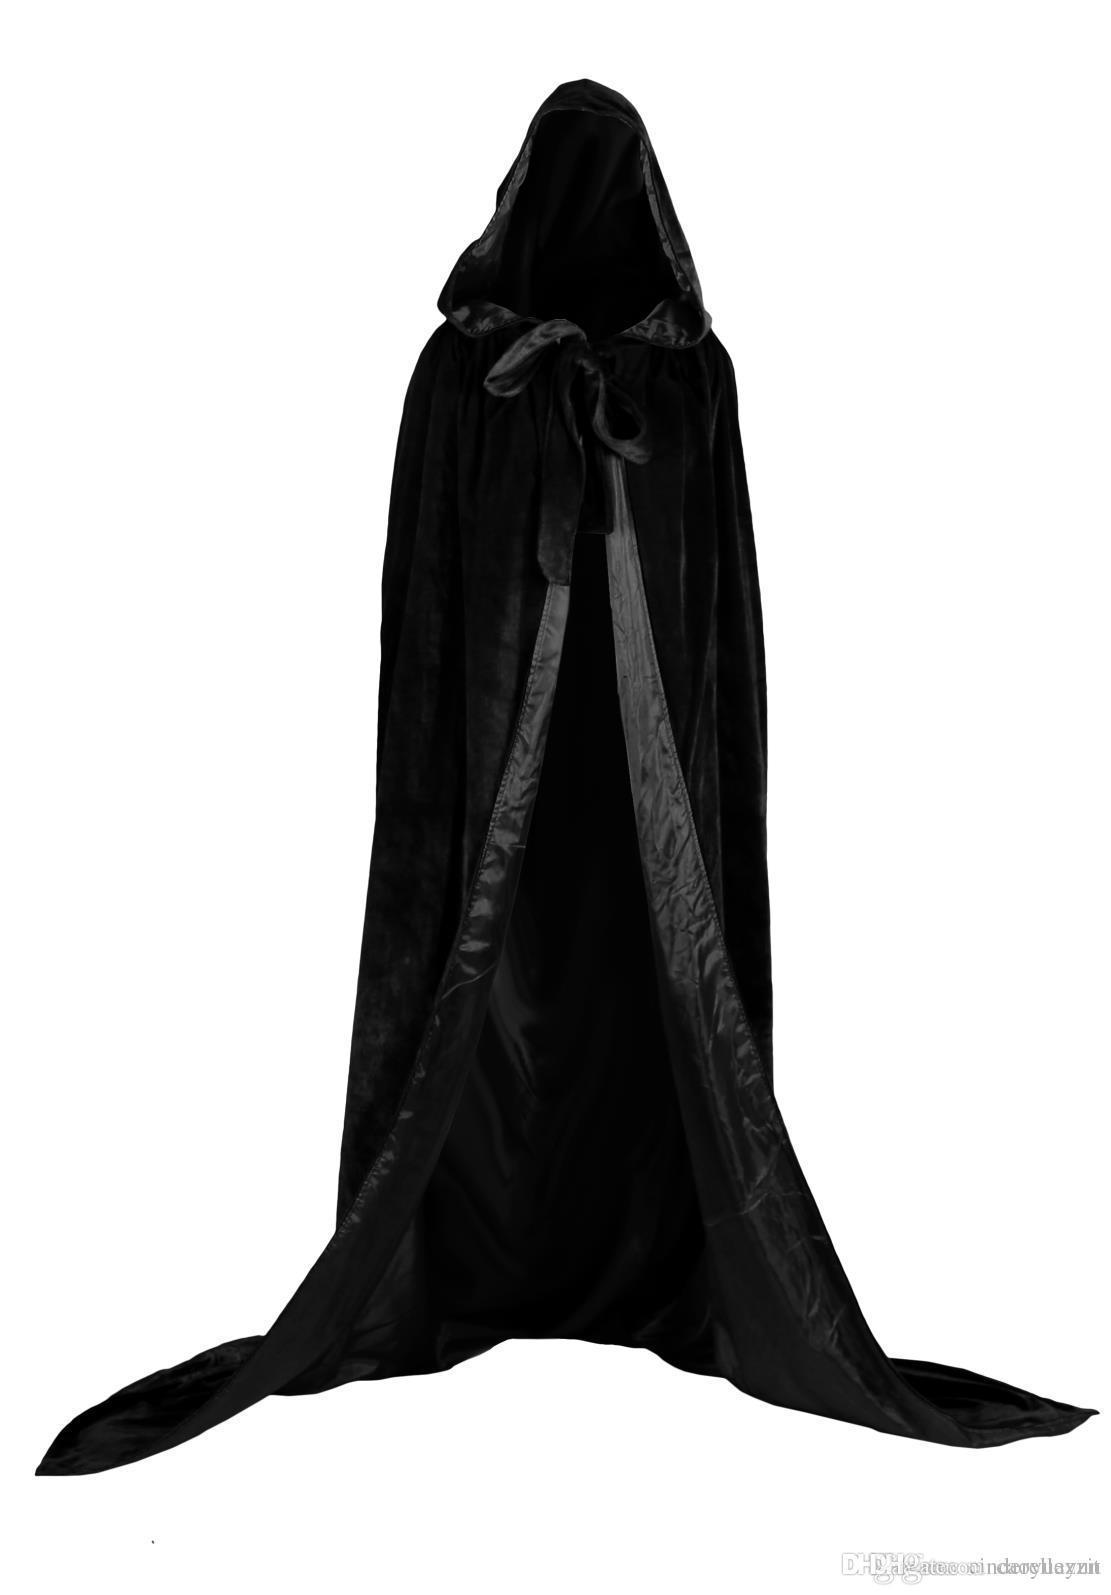 Nuovo rivestimento nero e 10 colori fodera con cappuccio mantello di velluto gotico veste di Wicca stregoneria medievale mantello larp mantello con cappuccio mantello da vampiro mantello da festa di Halloween